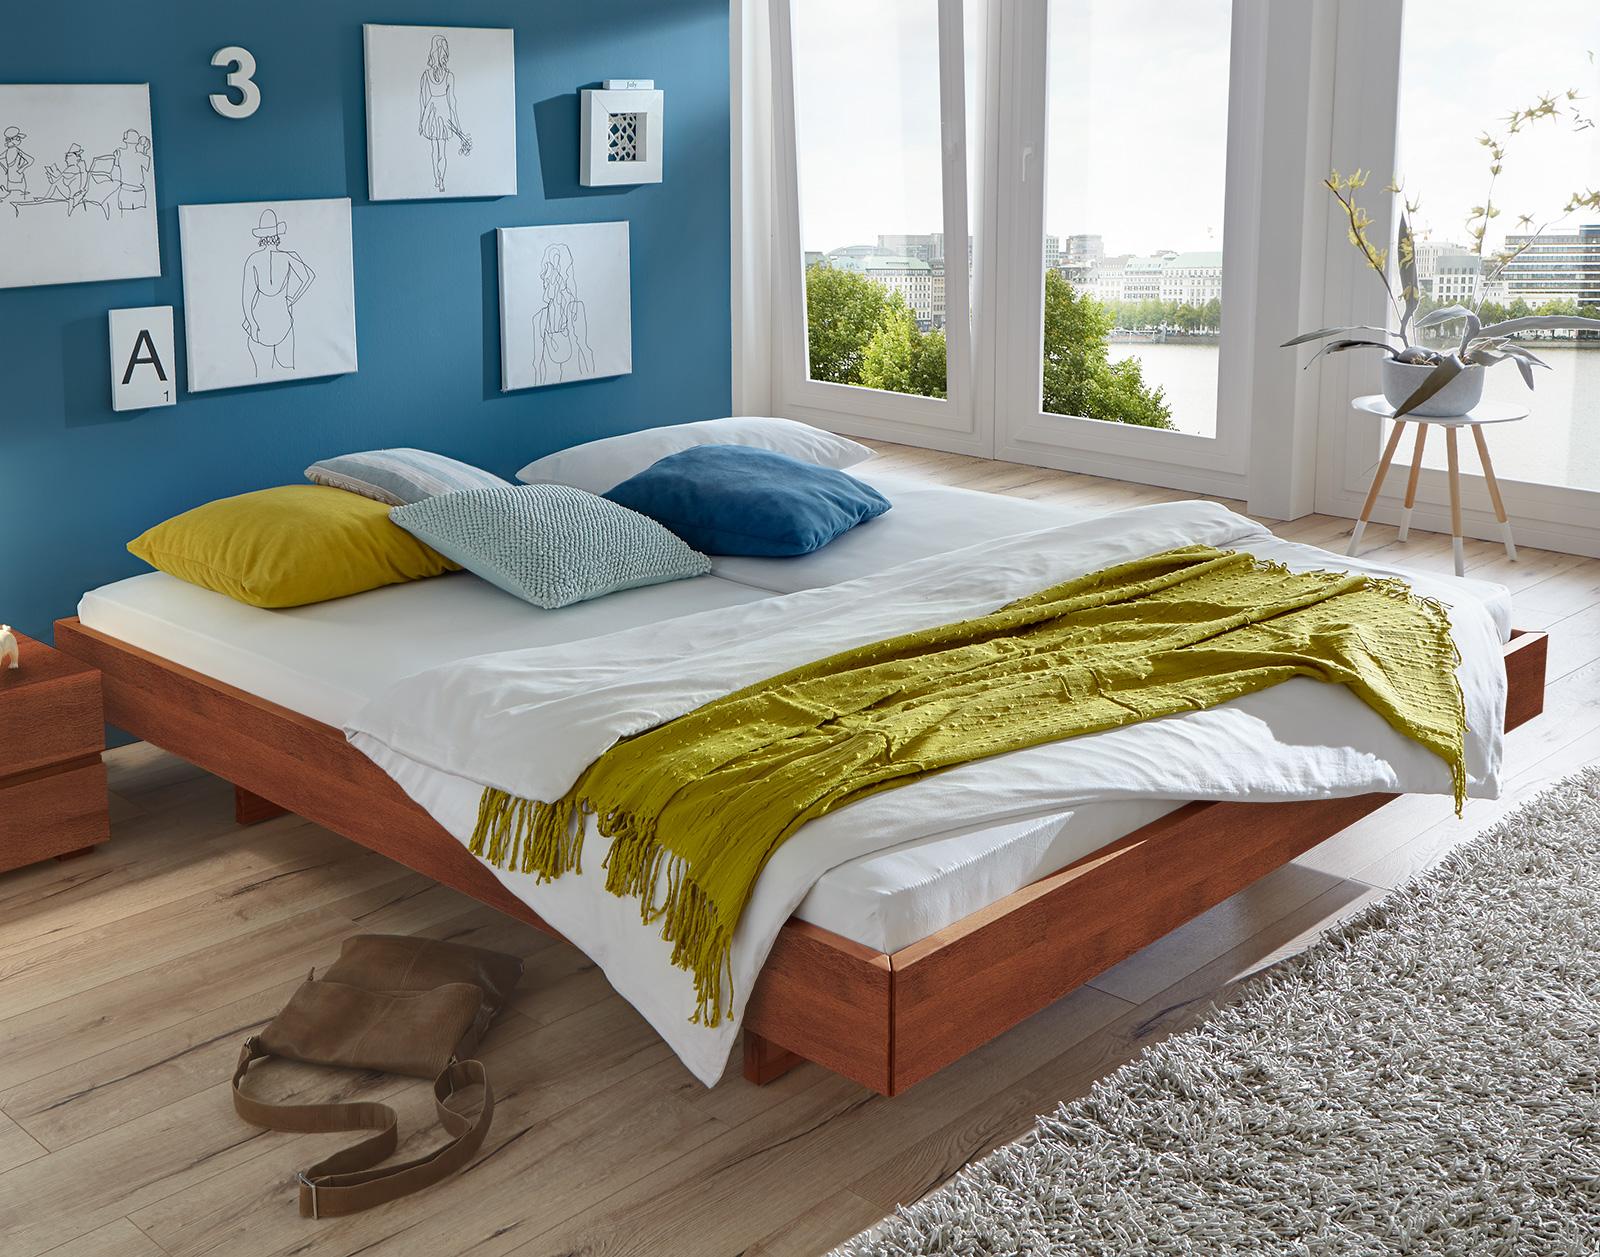 Bett mit schweberahmen in nussbaumoptik   liege rimini